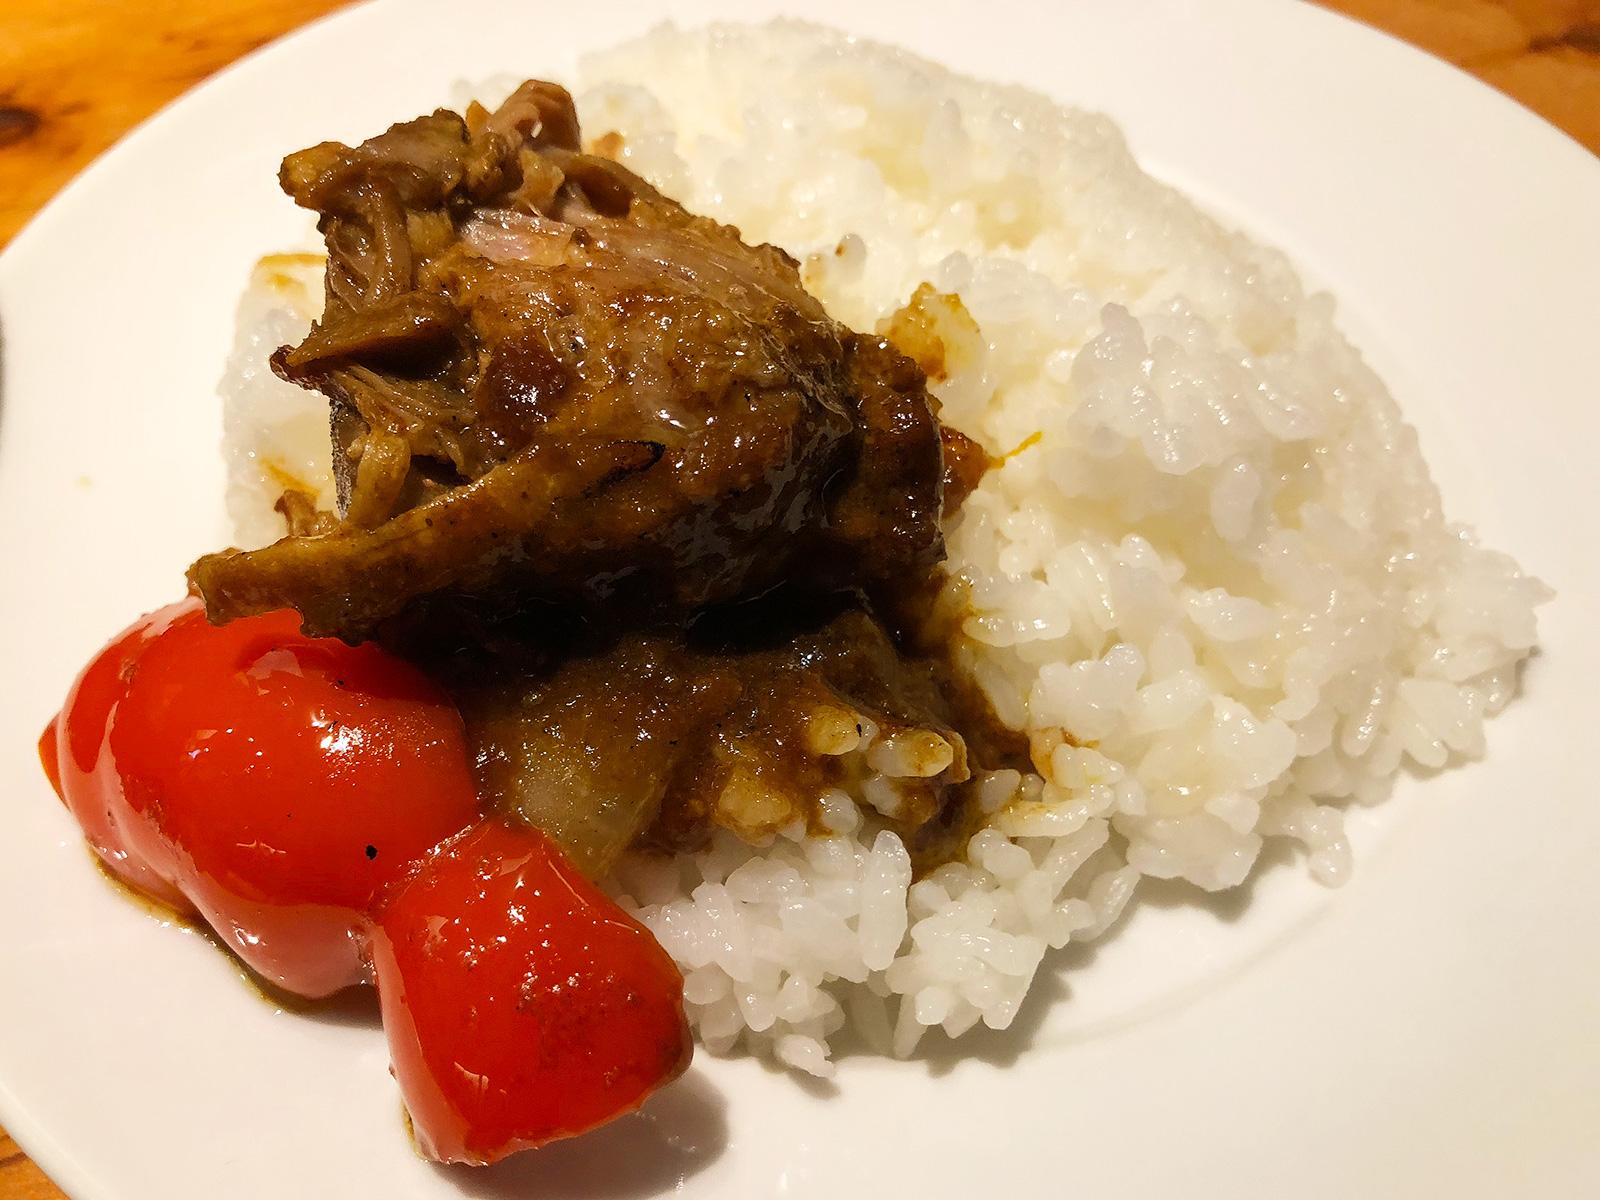 「野菜を食べるカレーCamp」のBBQカレー彩り野菜増し @名駅